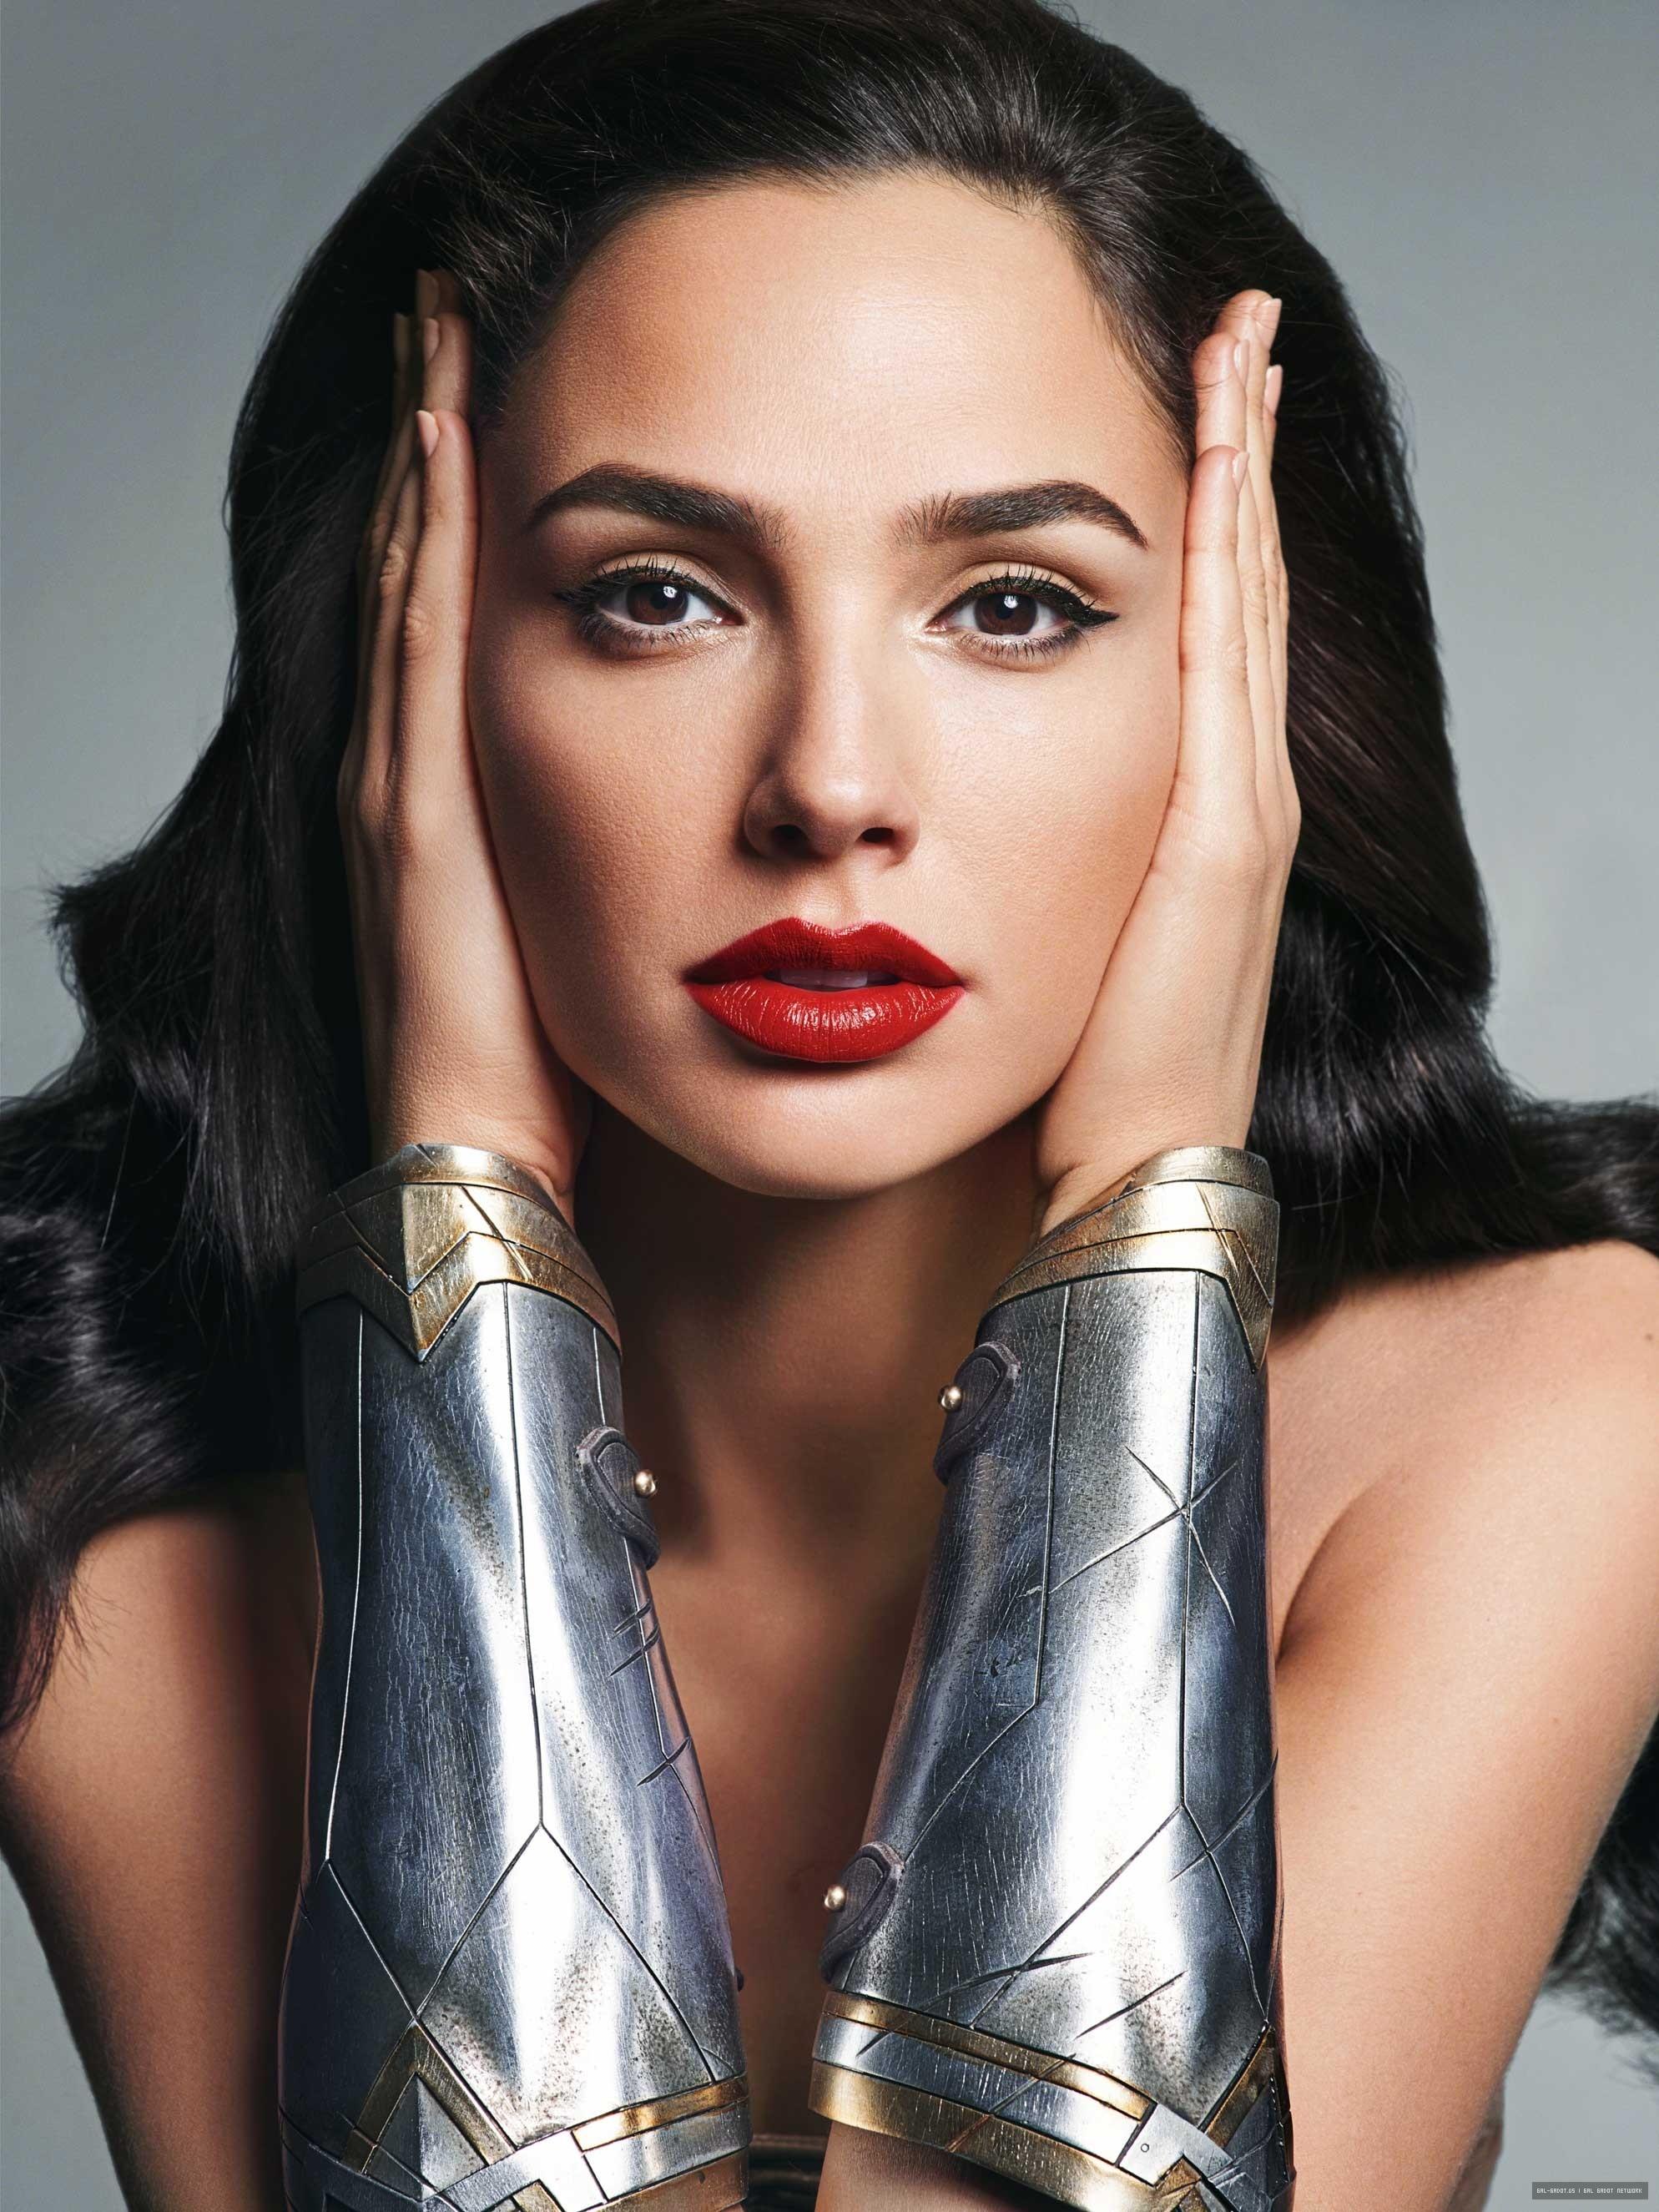 Wallpaper Face Women Model Long Hair Celebrity Singer